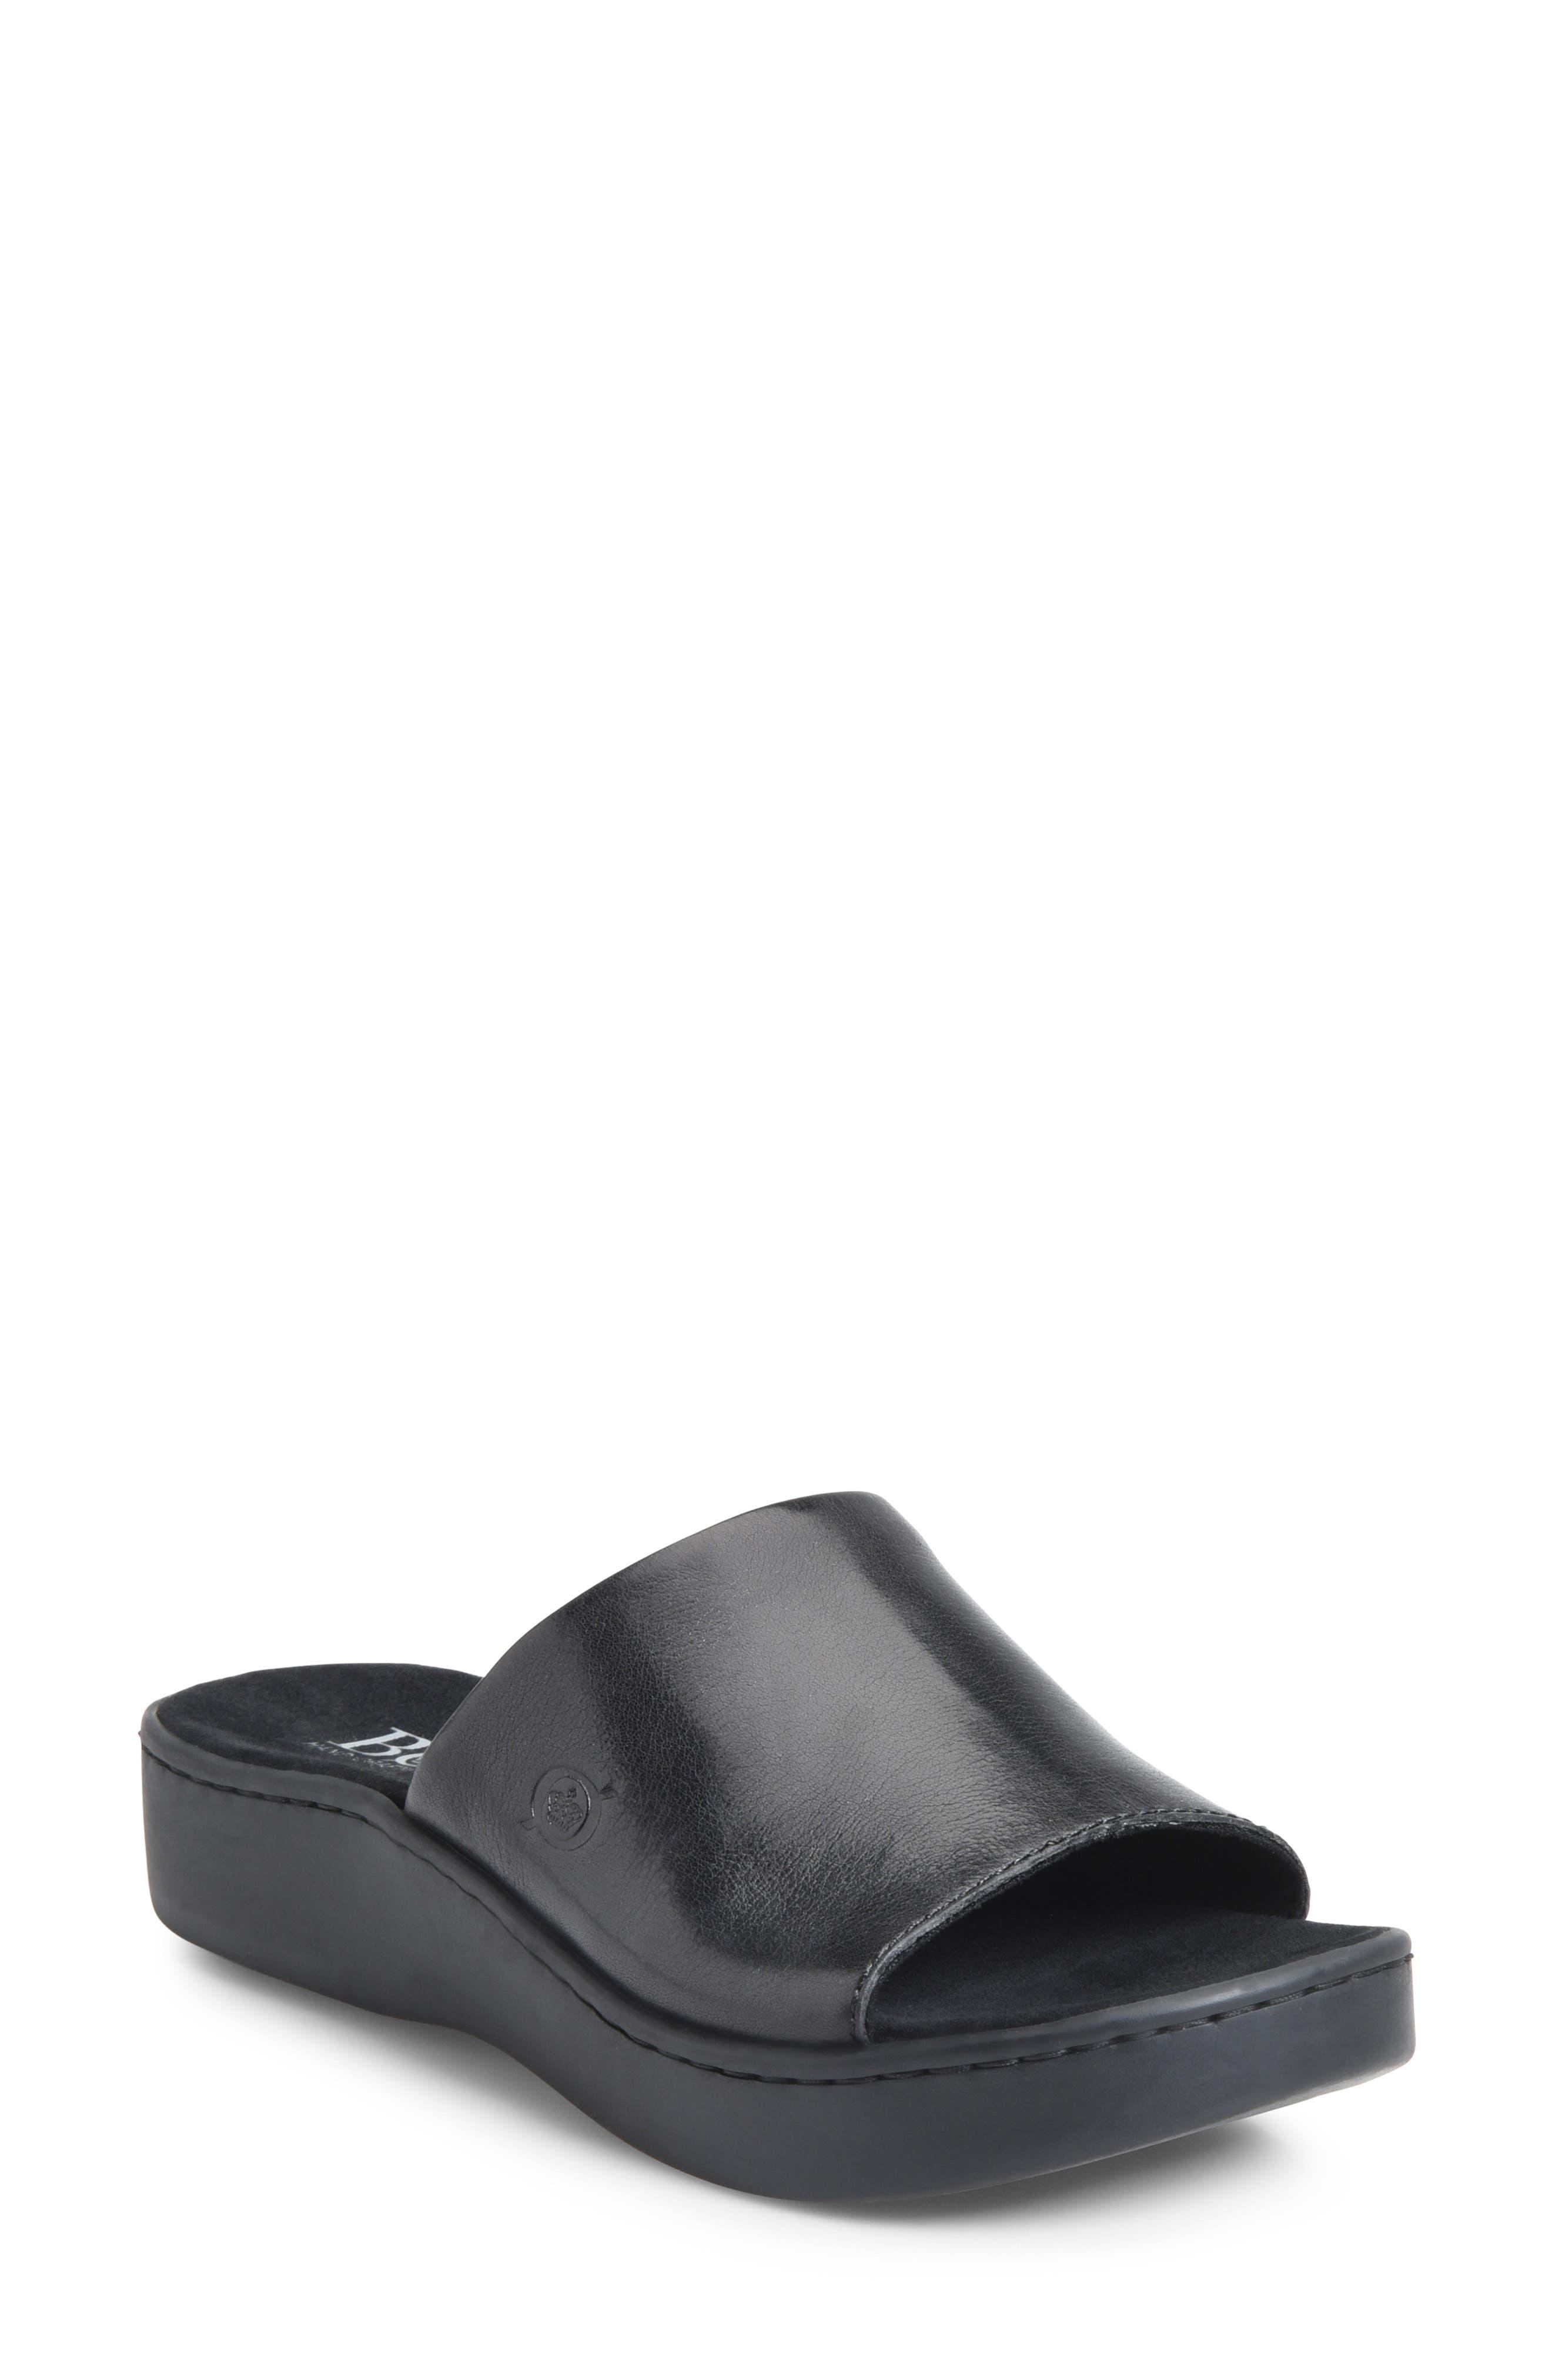 BØRN Ottawa Slide Sandal, Main, color, BLACK LEATHER